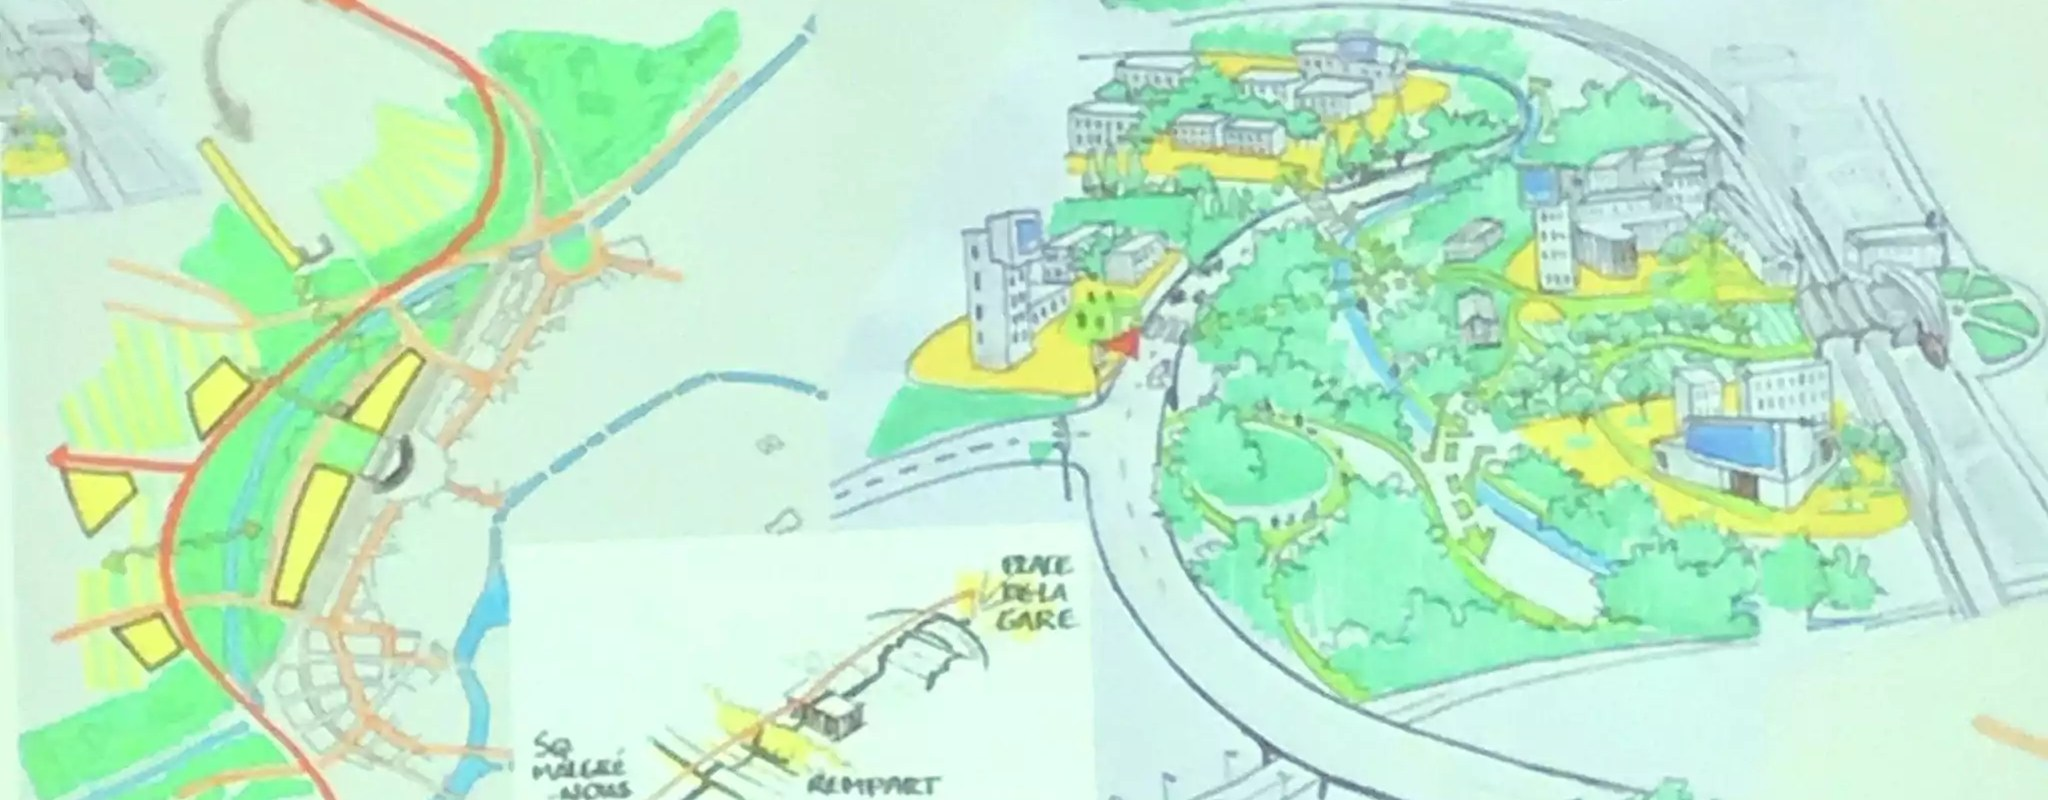 Des urbanistes proposent de garder l'A35 surélevée